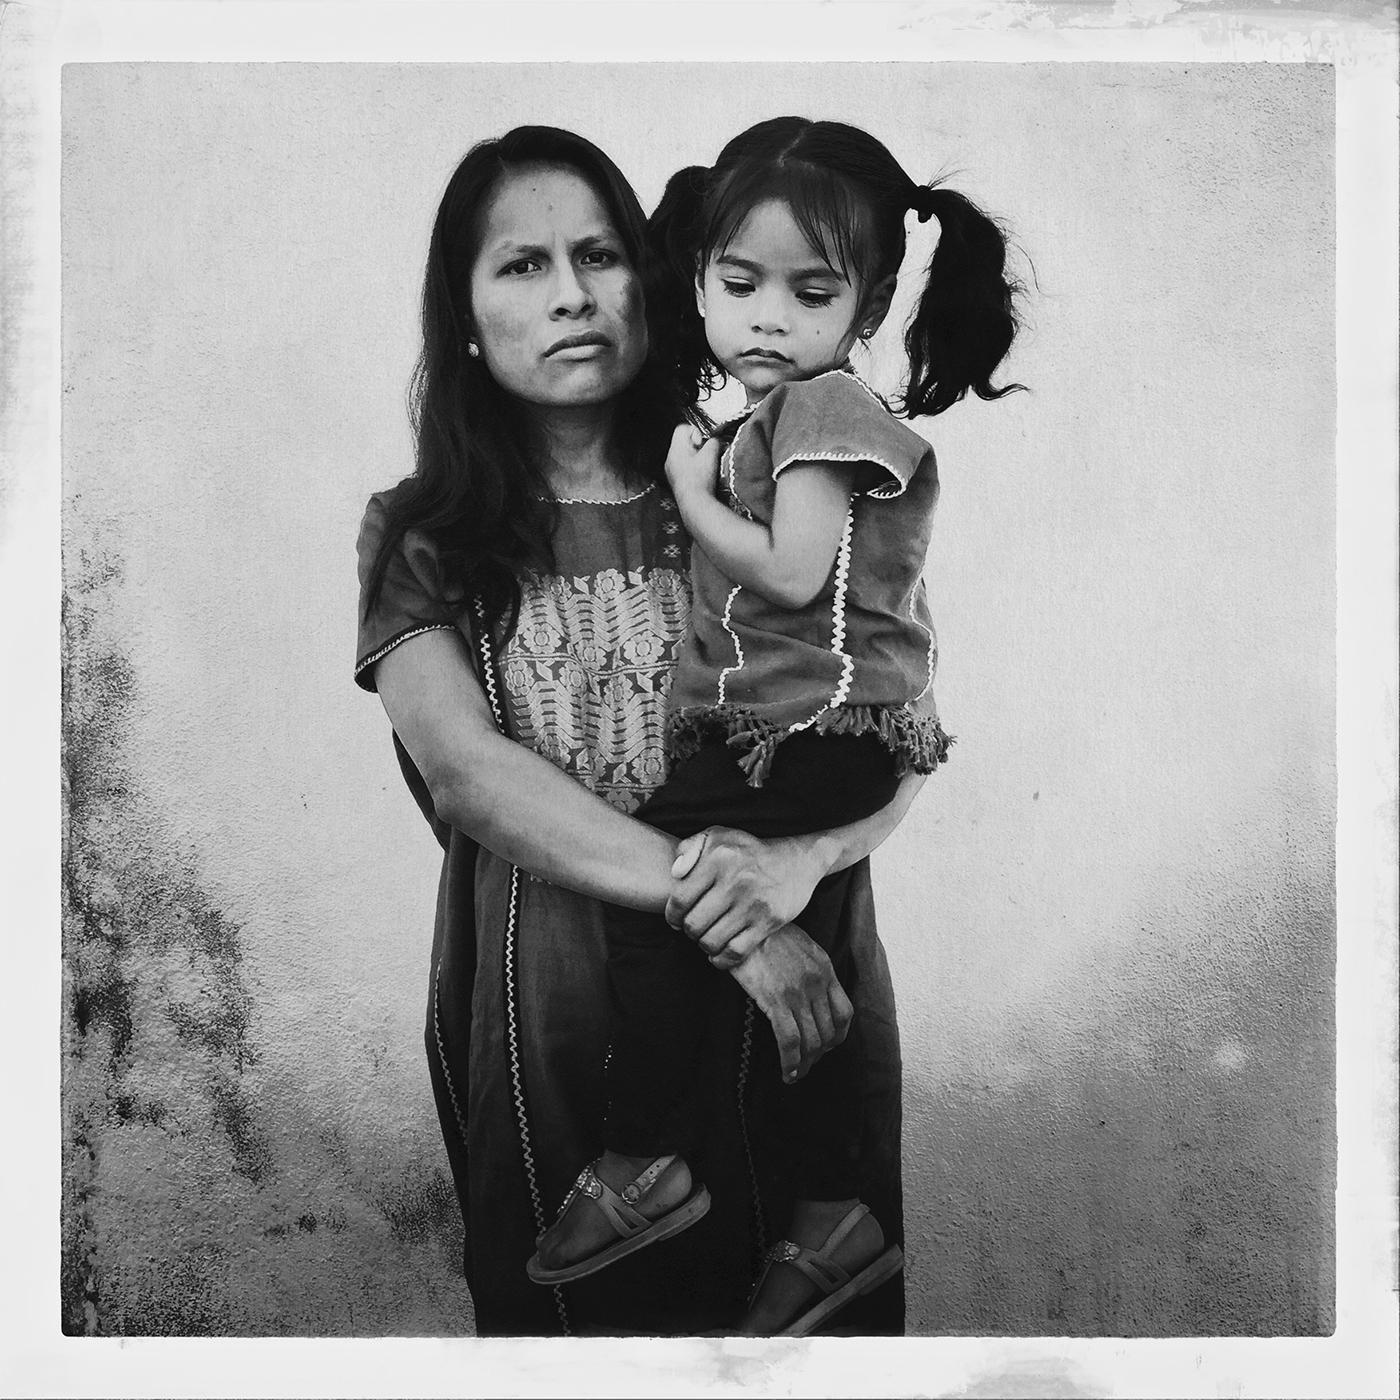 Family Matters_Adriana Zehbrauskas01.JPG